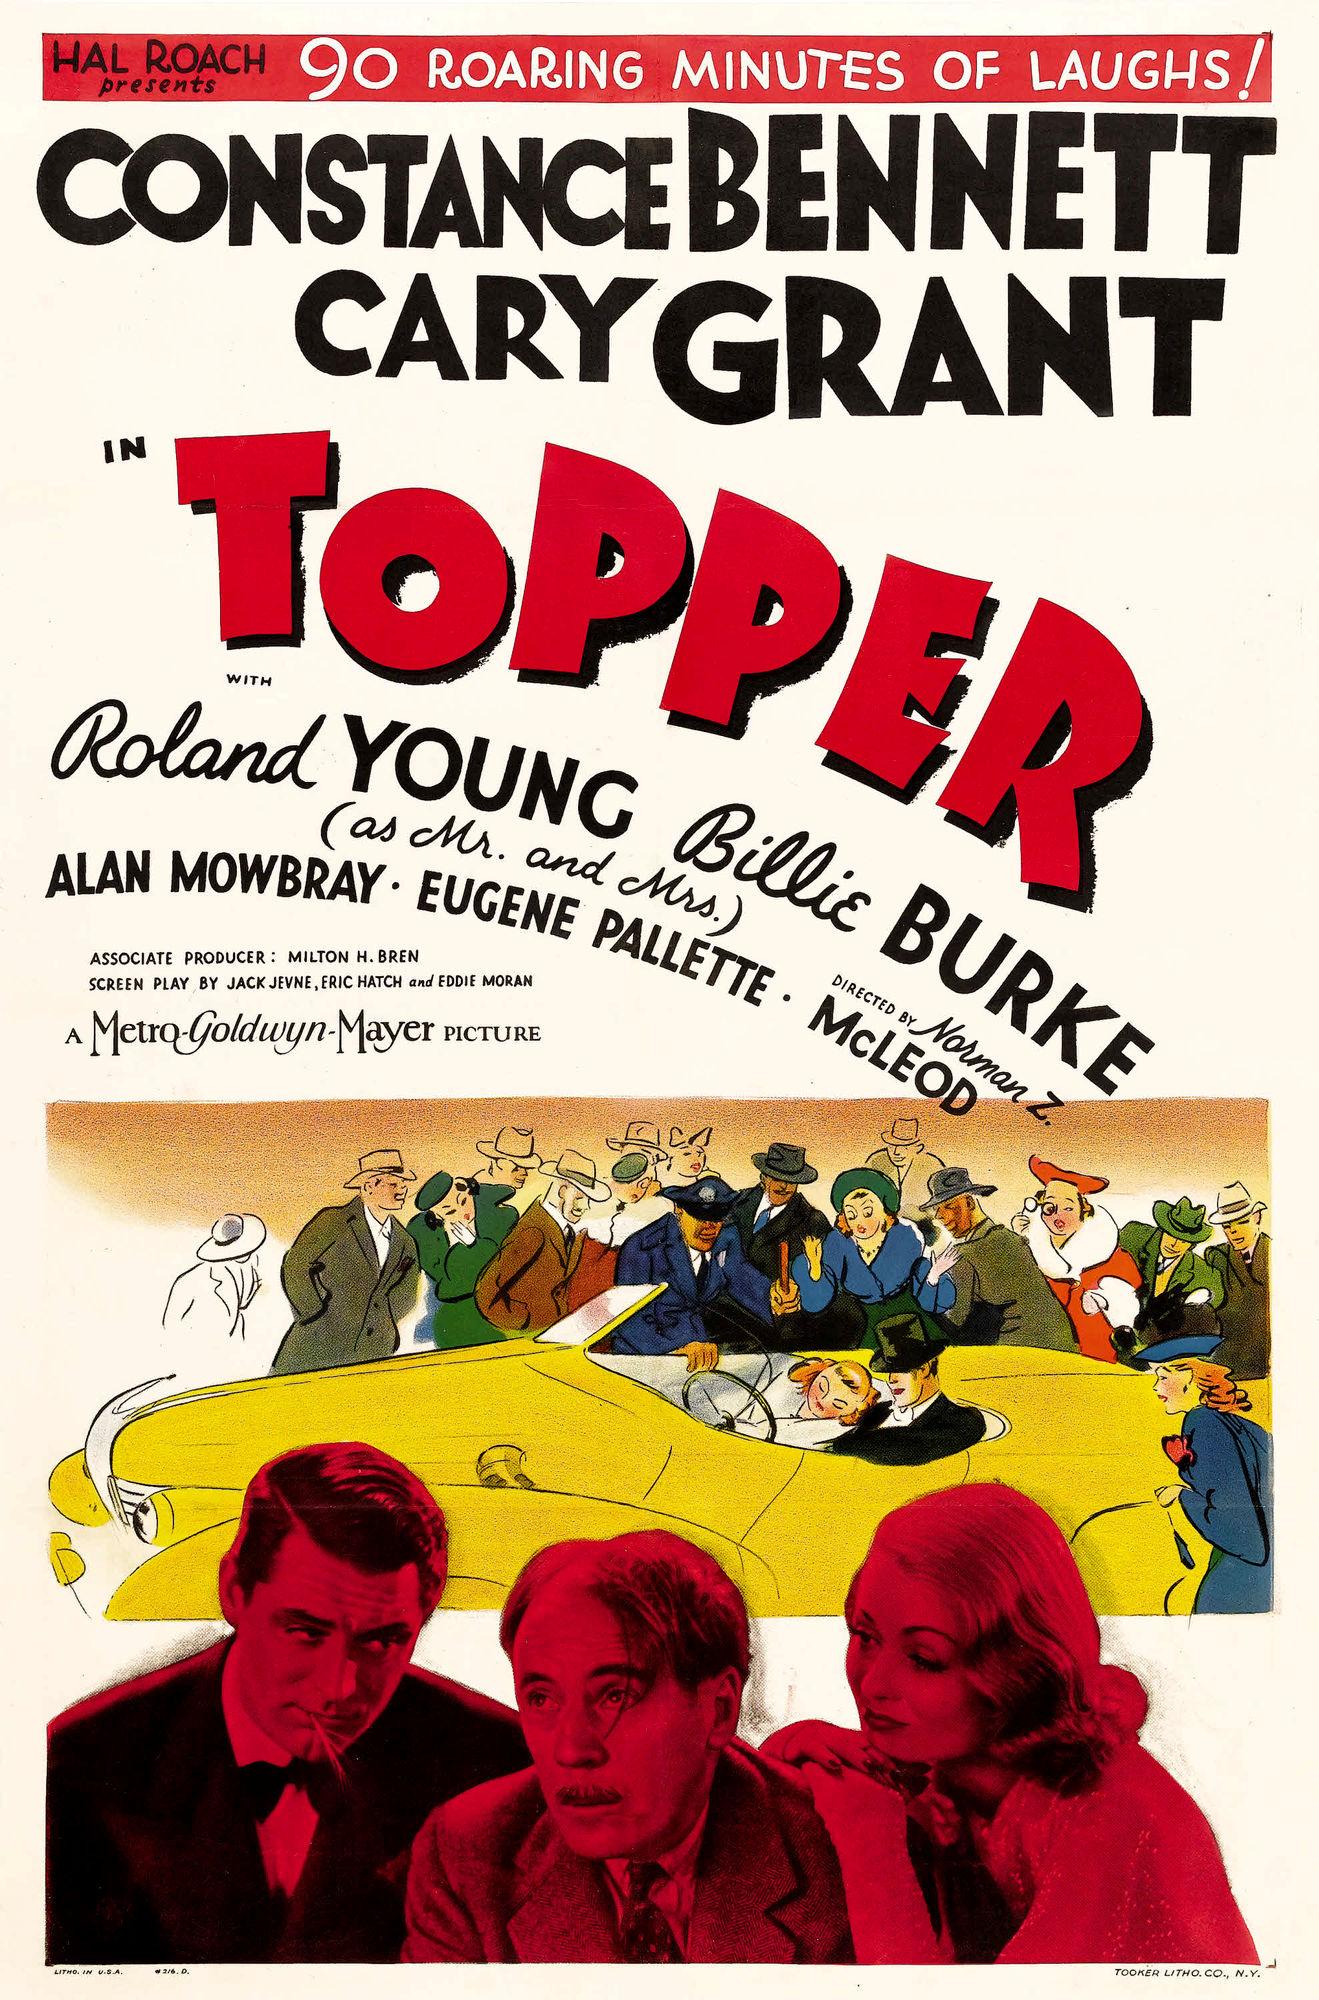 [Image: Topper_poster.jpg]